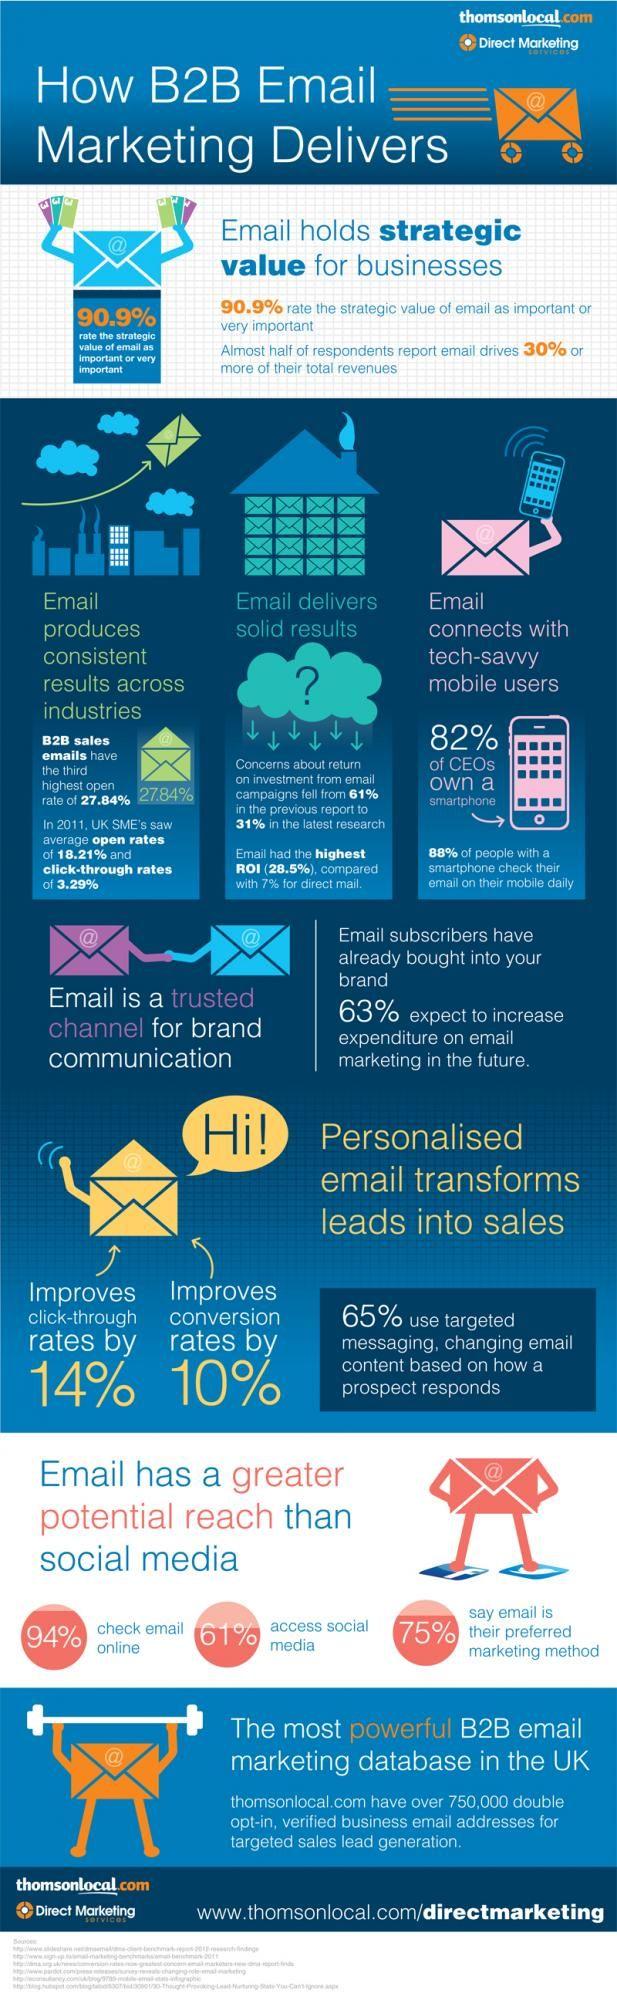 Tips Om Je Online Marketing Te Boosten In 2013 Lees De Content Crackers Blog Http Www C B2b Email Marketing Email Marketing Email Marketing Infographics